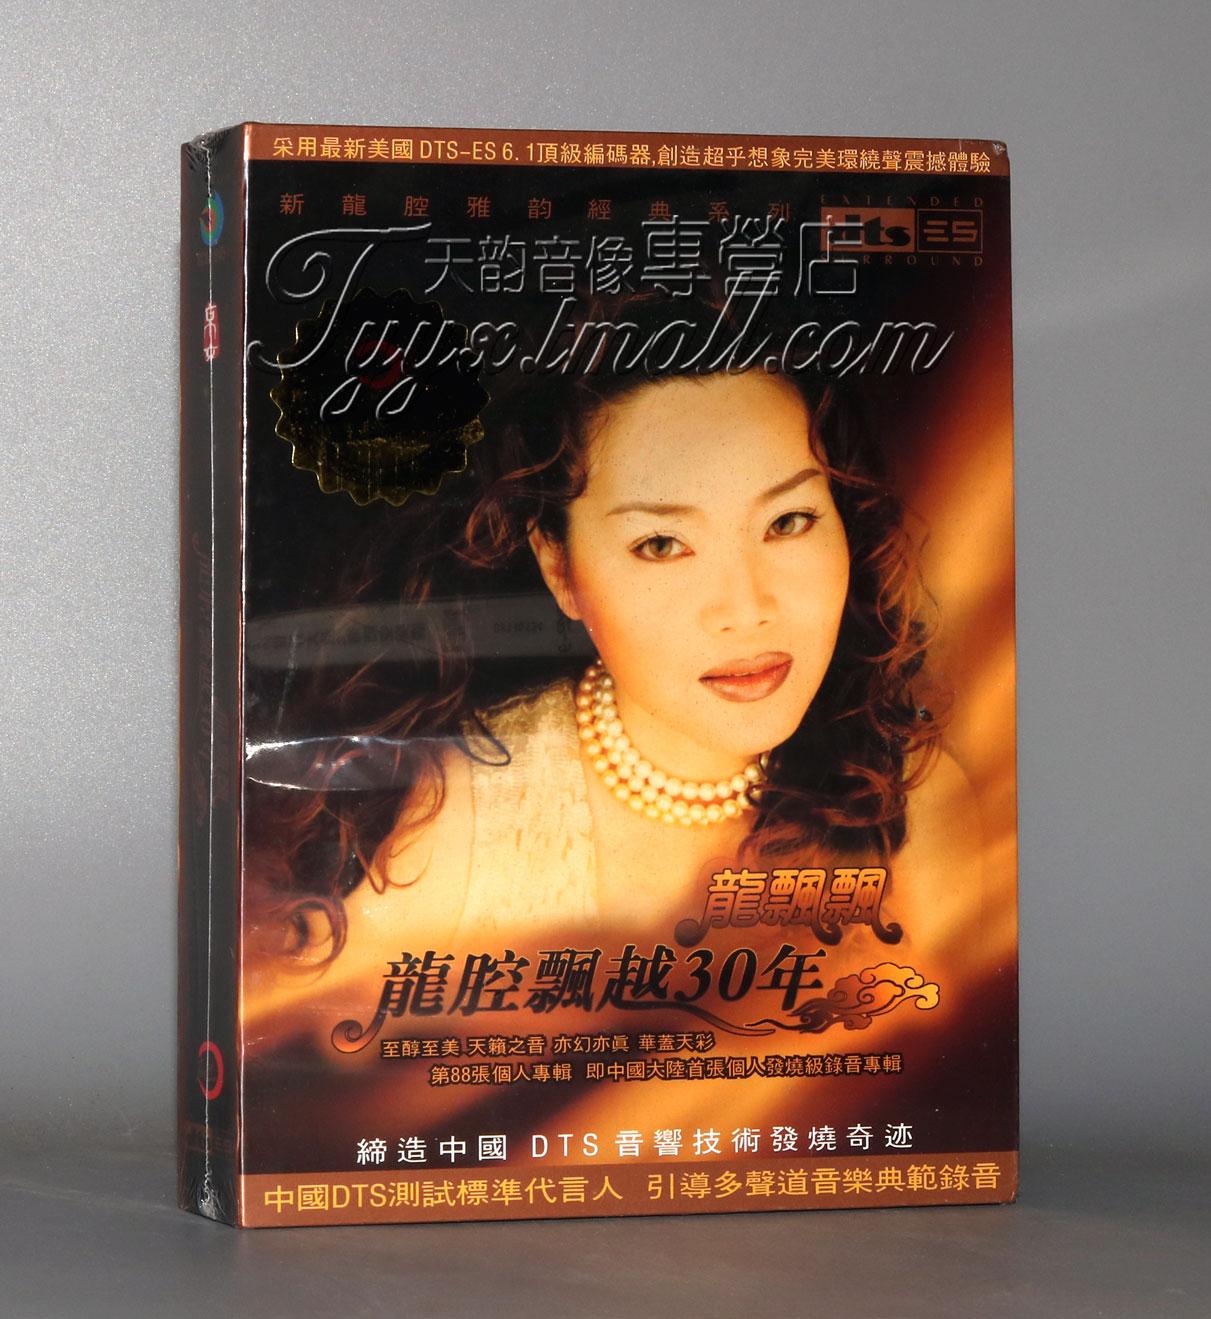 正版 龙飘飘 龙腔飘越30年 DTS 新京文唱片 CD 女人花 夜来香